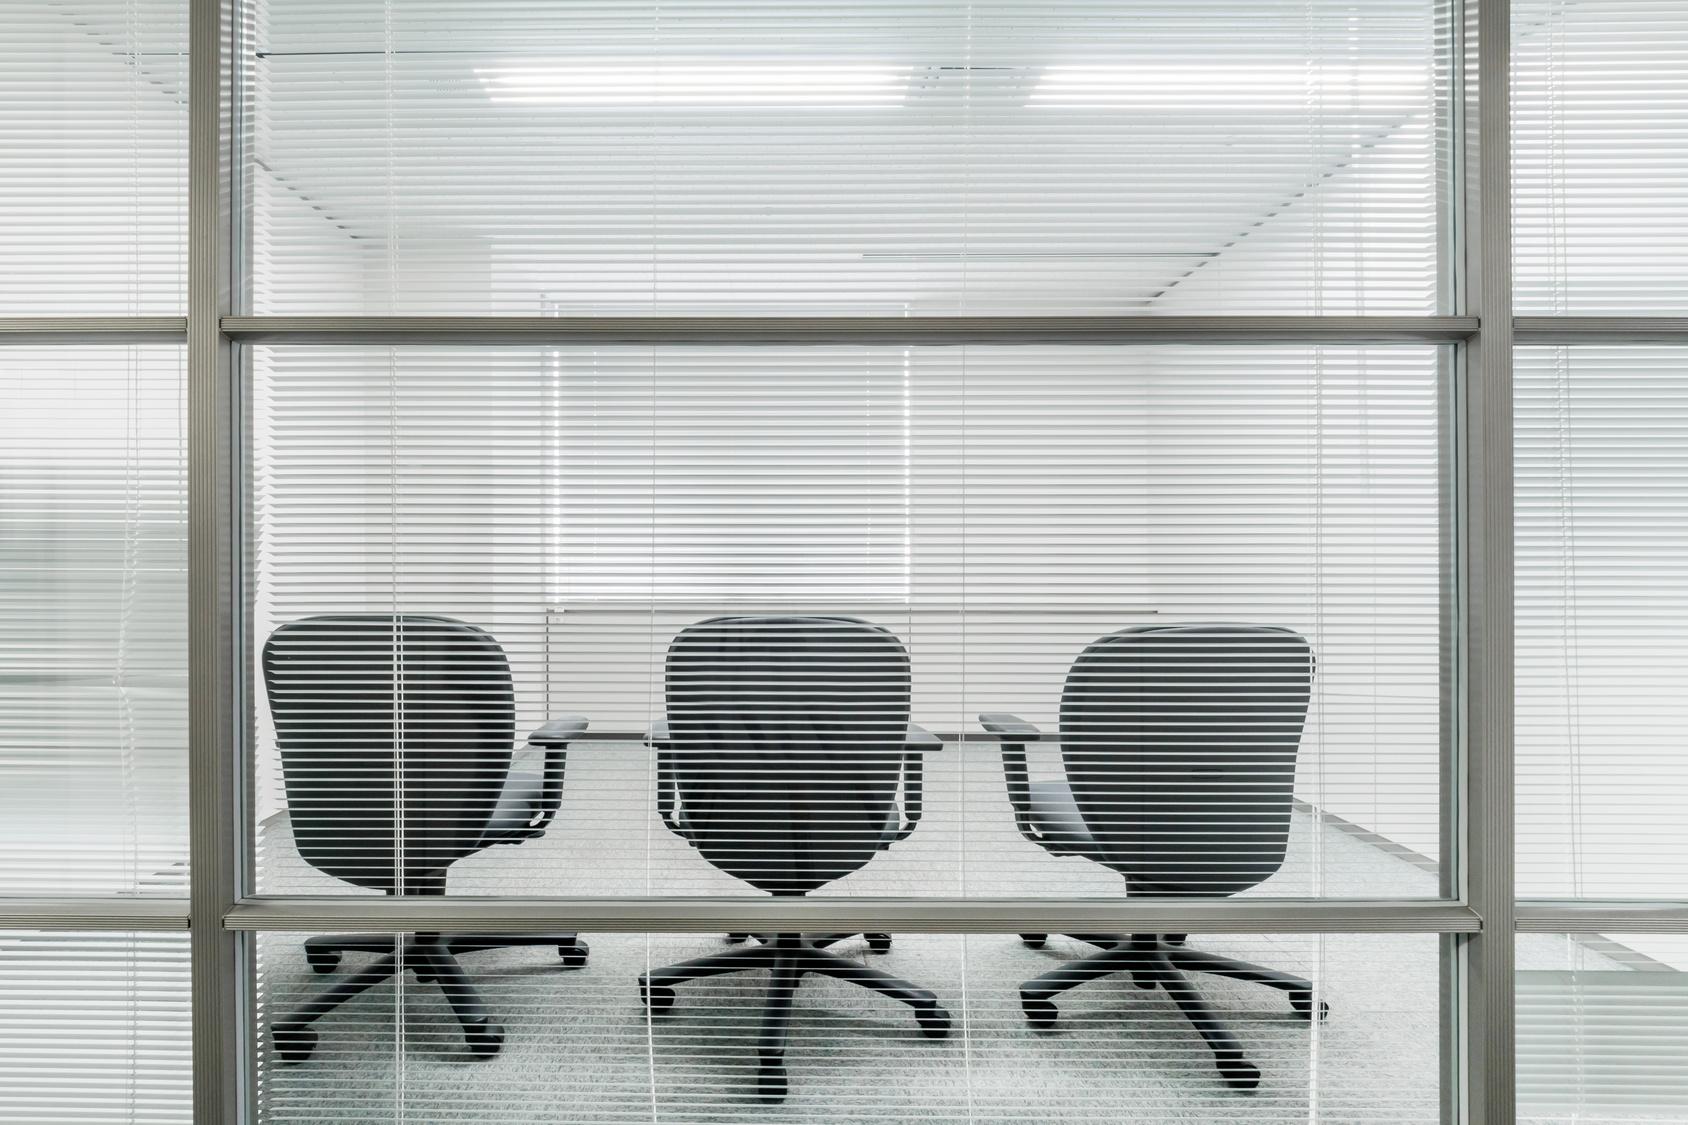 現役転職エージェントが教える転職面接の基本マナー講座⑤ 時間